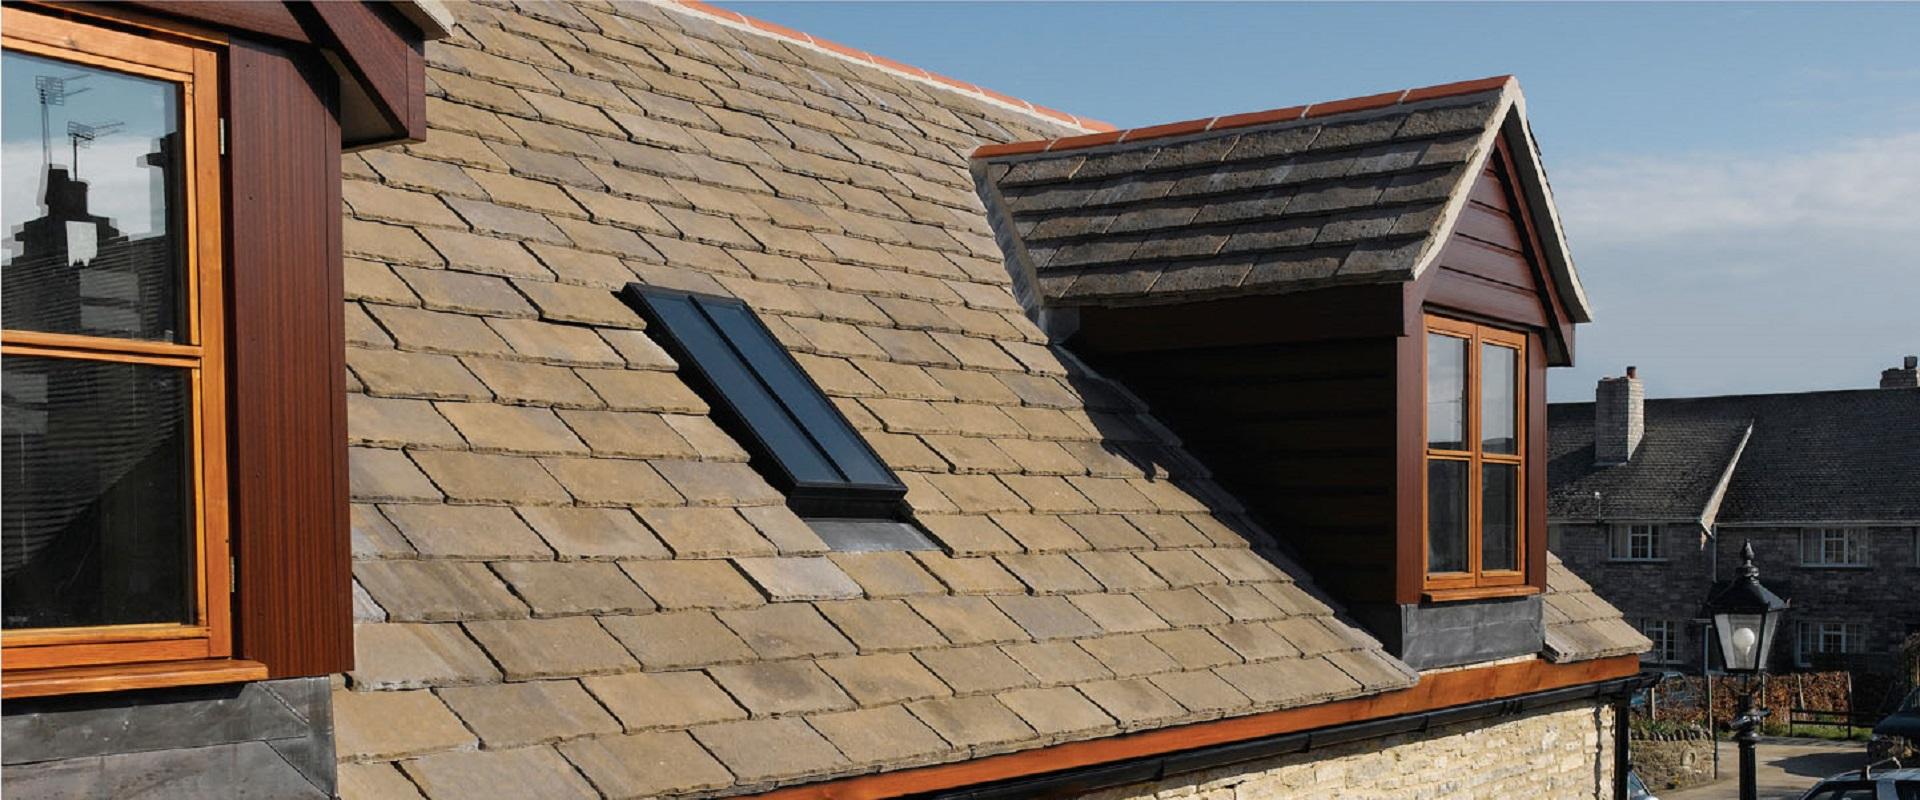 Slate Roof Wicklow